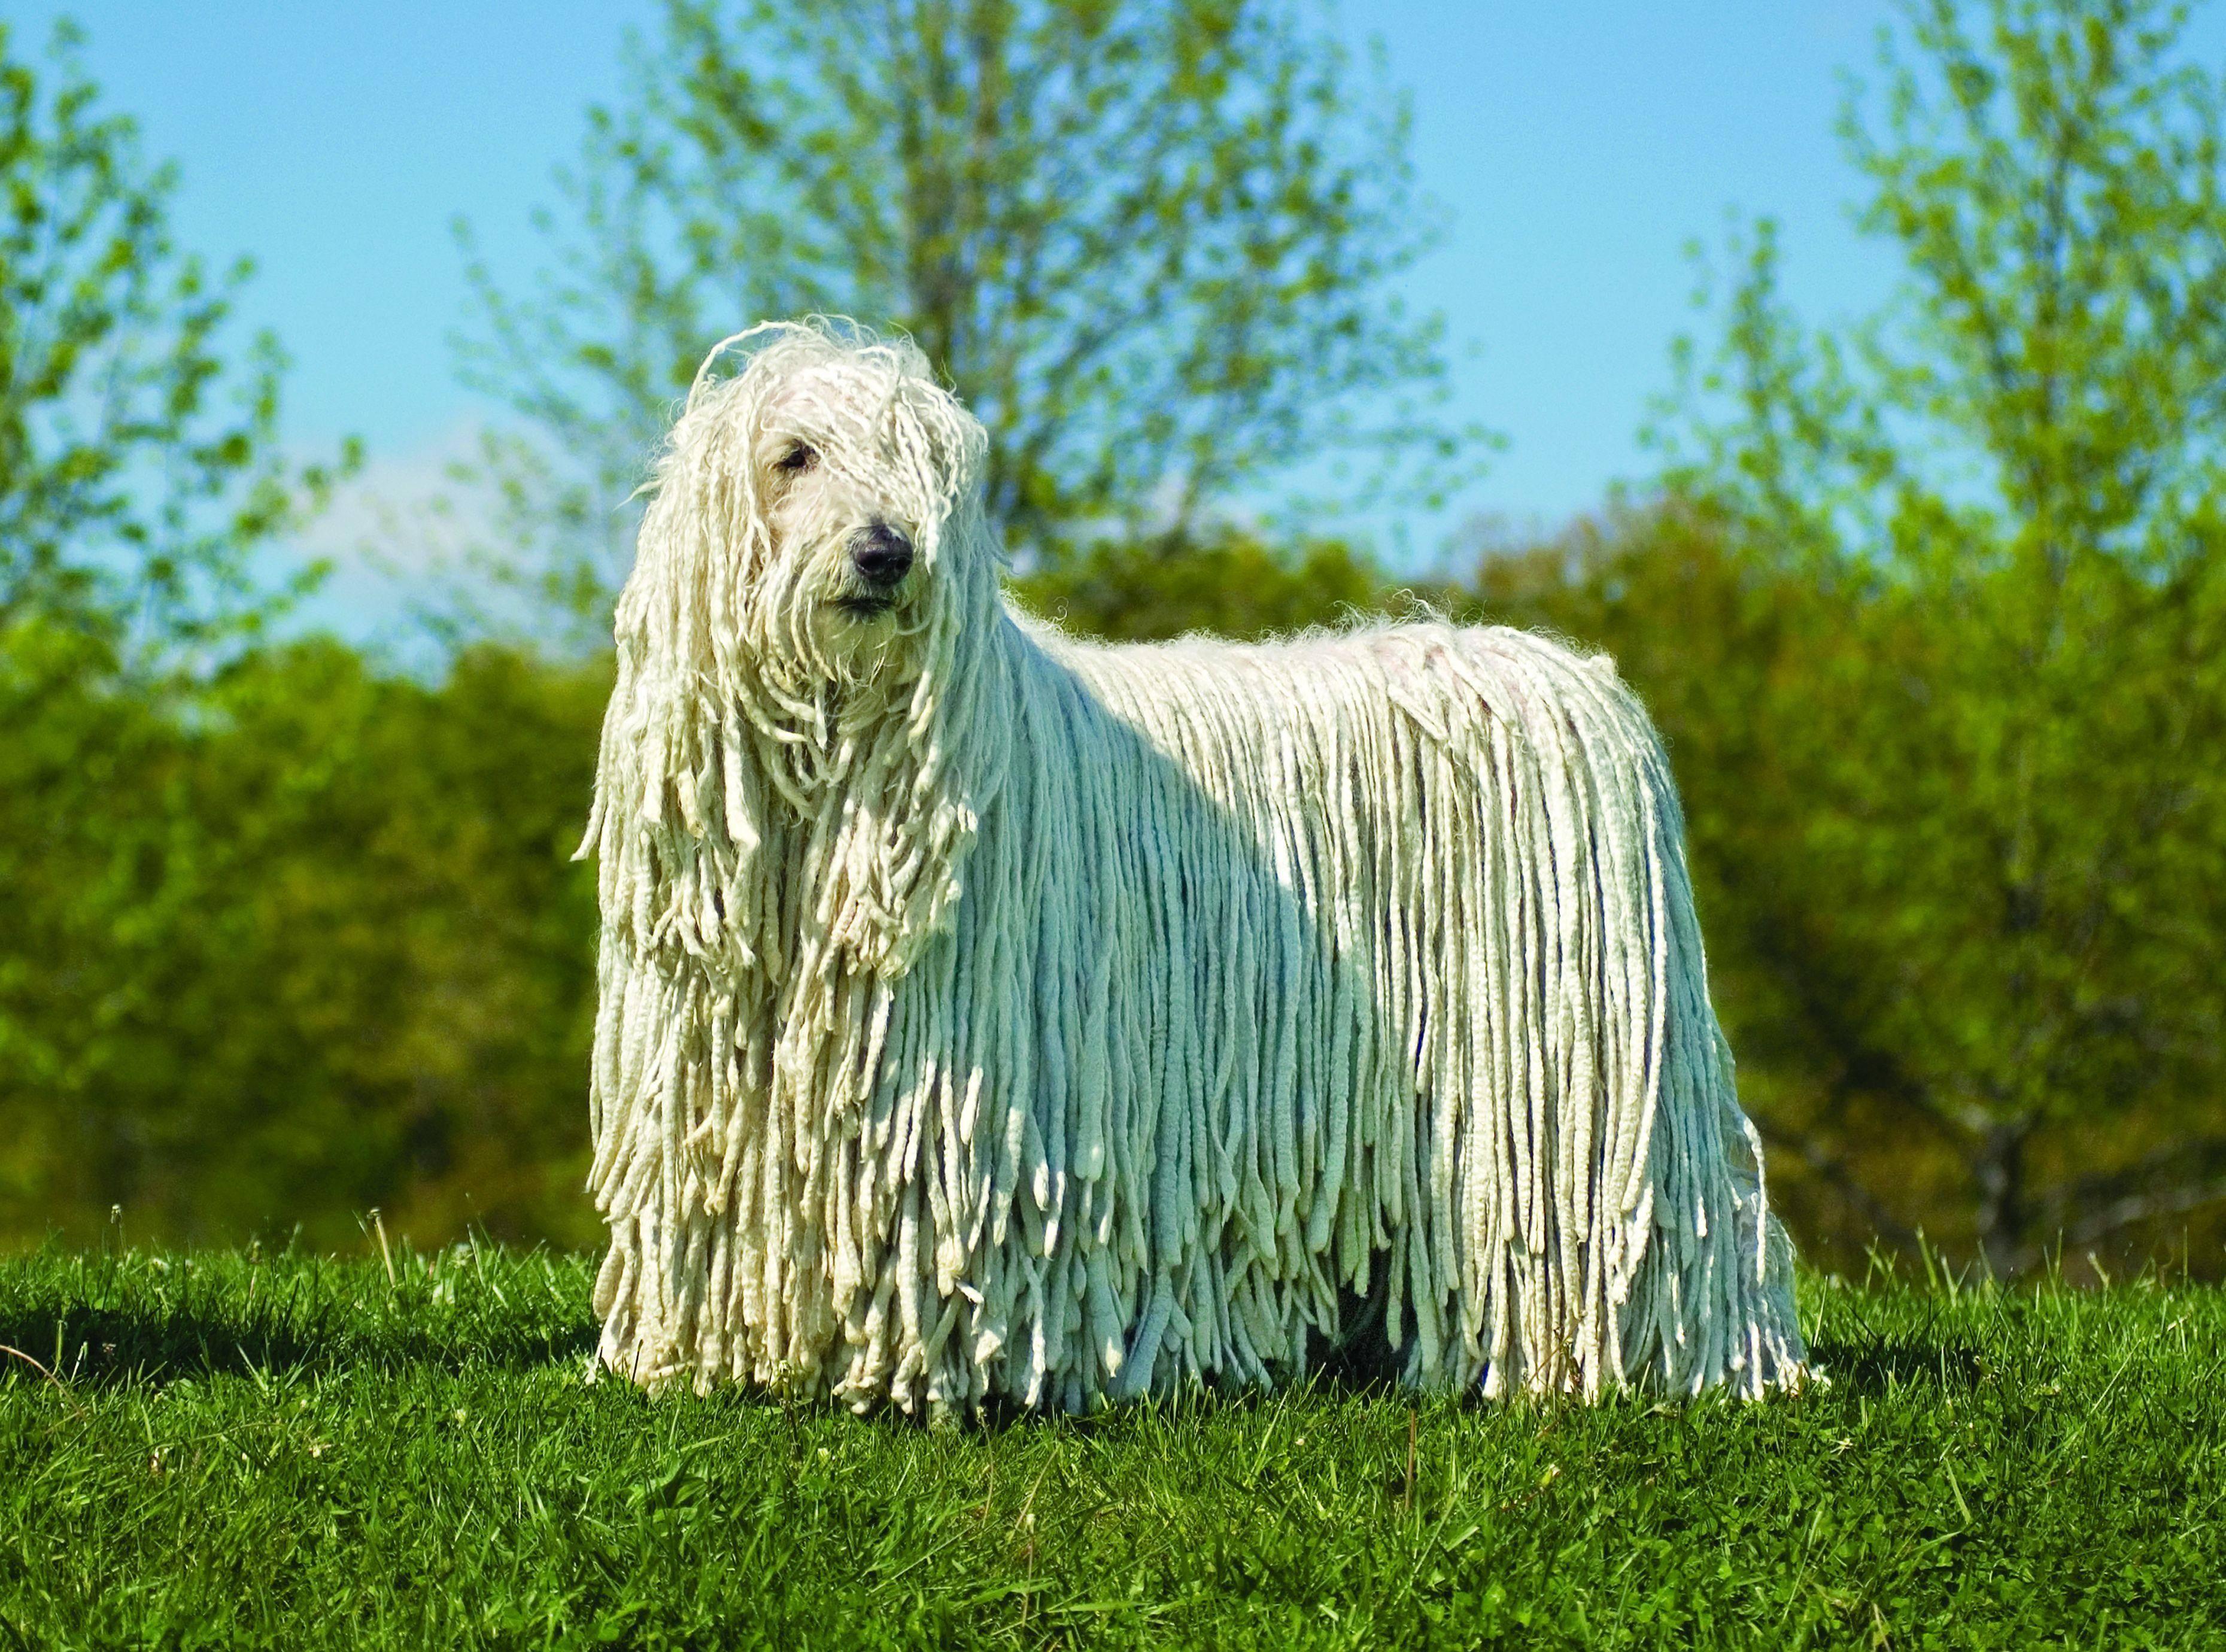 Венгерская овчарка (комондор): описание породы с фото, характеристика и характер, особенности ухода, содержания и отзывы владельцев